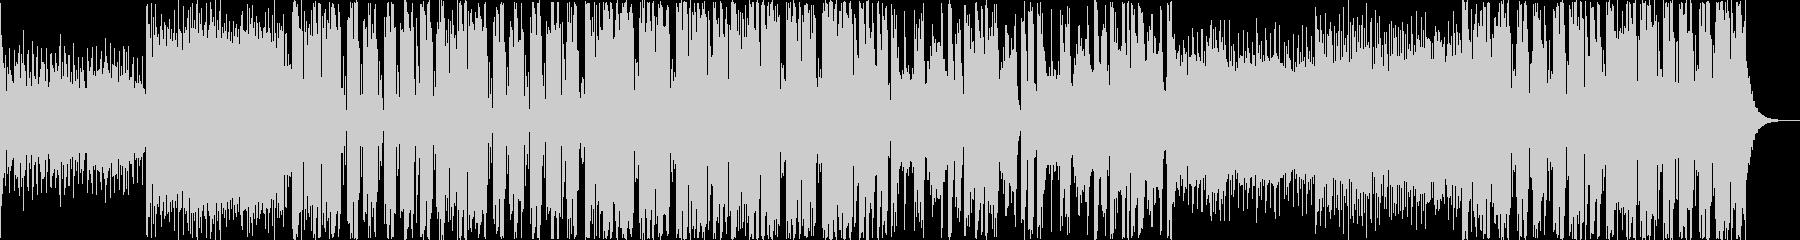 映像向け フューチャーベース EDMの未再生の波形